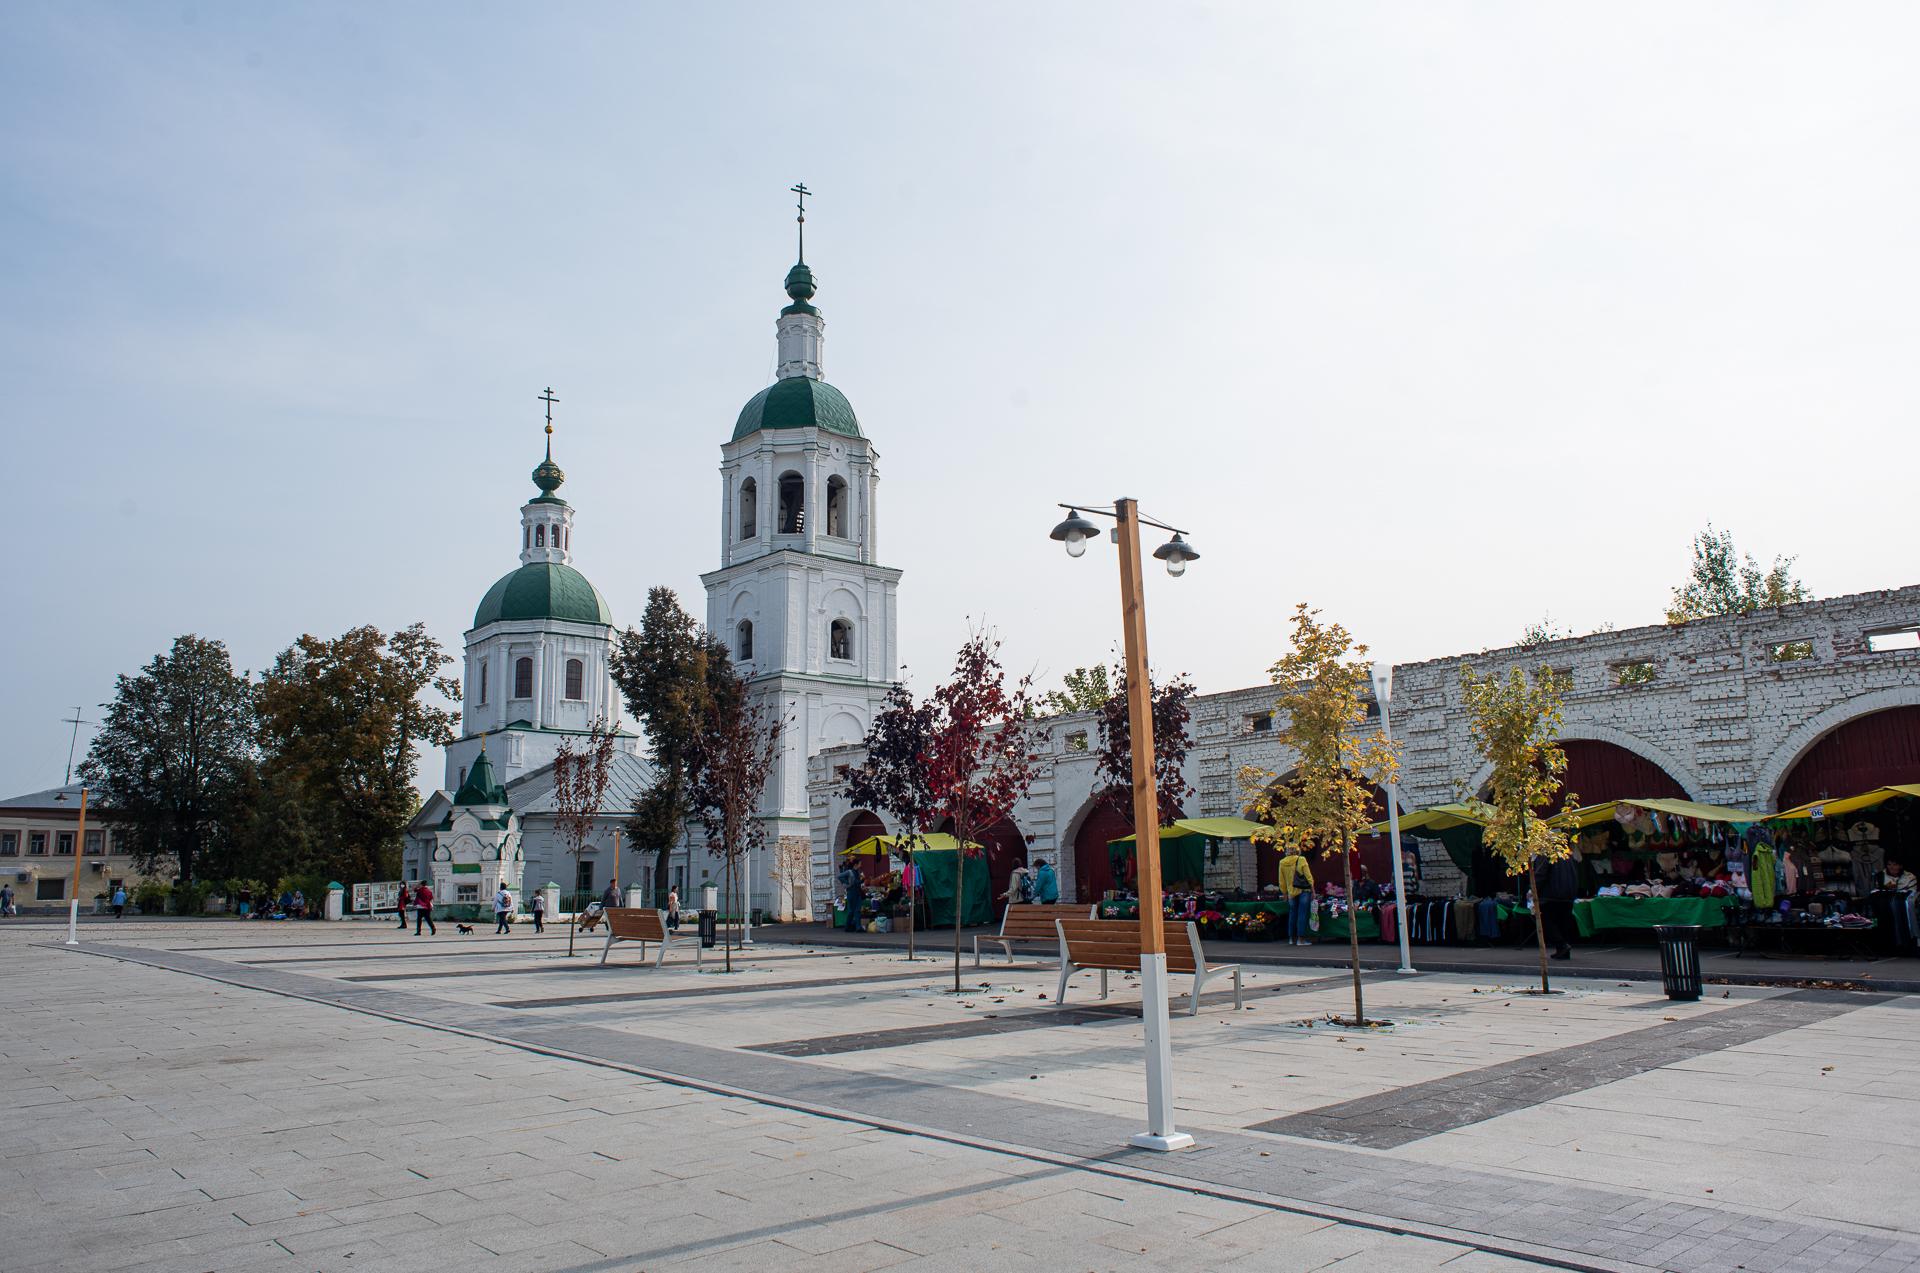 Зарайск, площадь Революции, Церковь Троицы Живоначальной (Троицкая церковь)